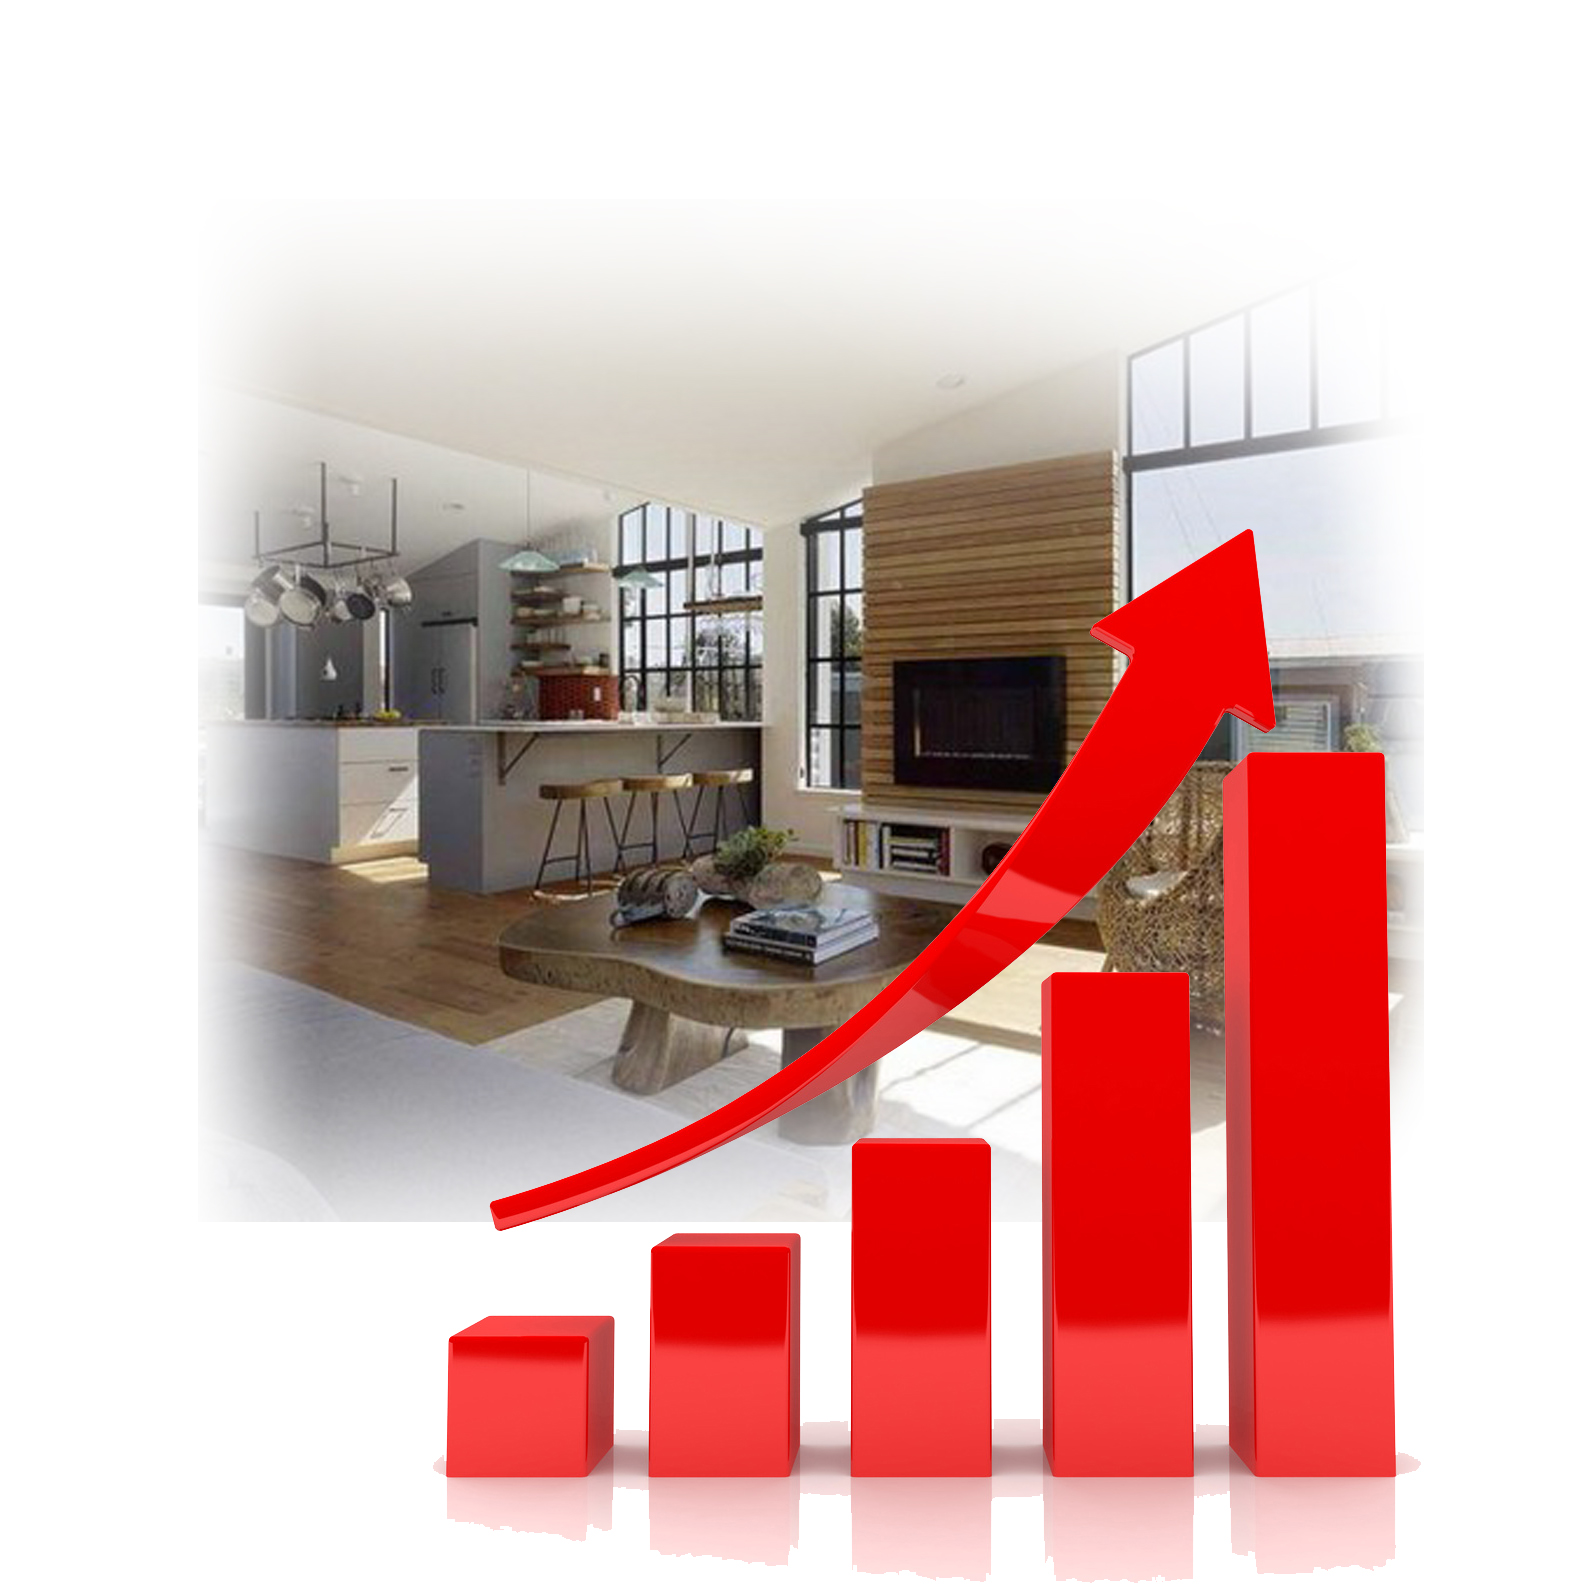 Aumento Valore Immobile Ristrutturato home staging - aumento del valore di un immobile - pratiche casa